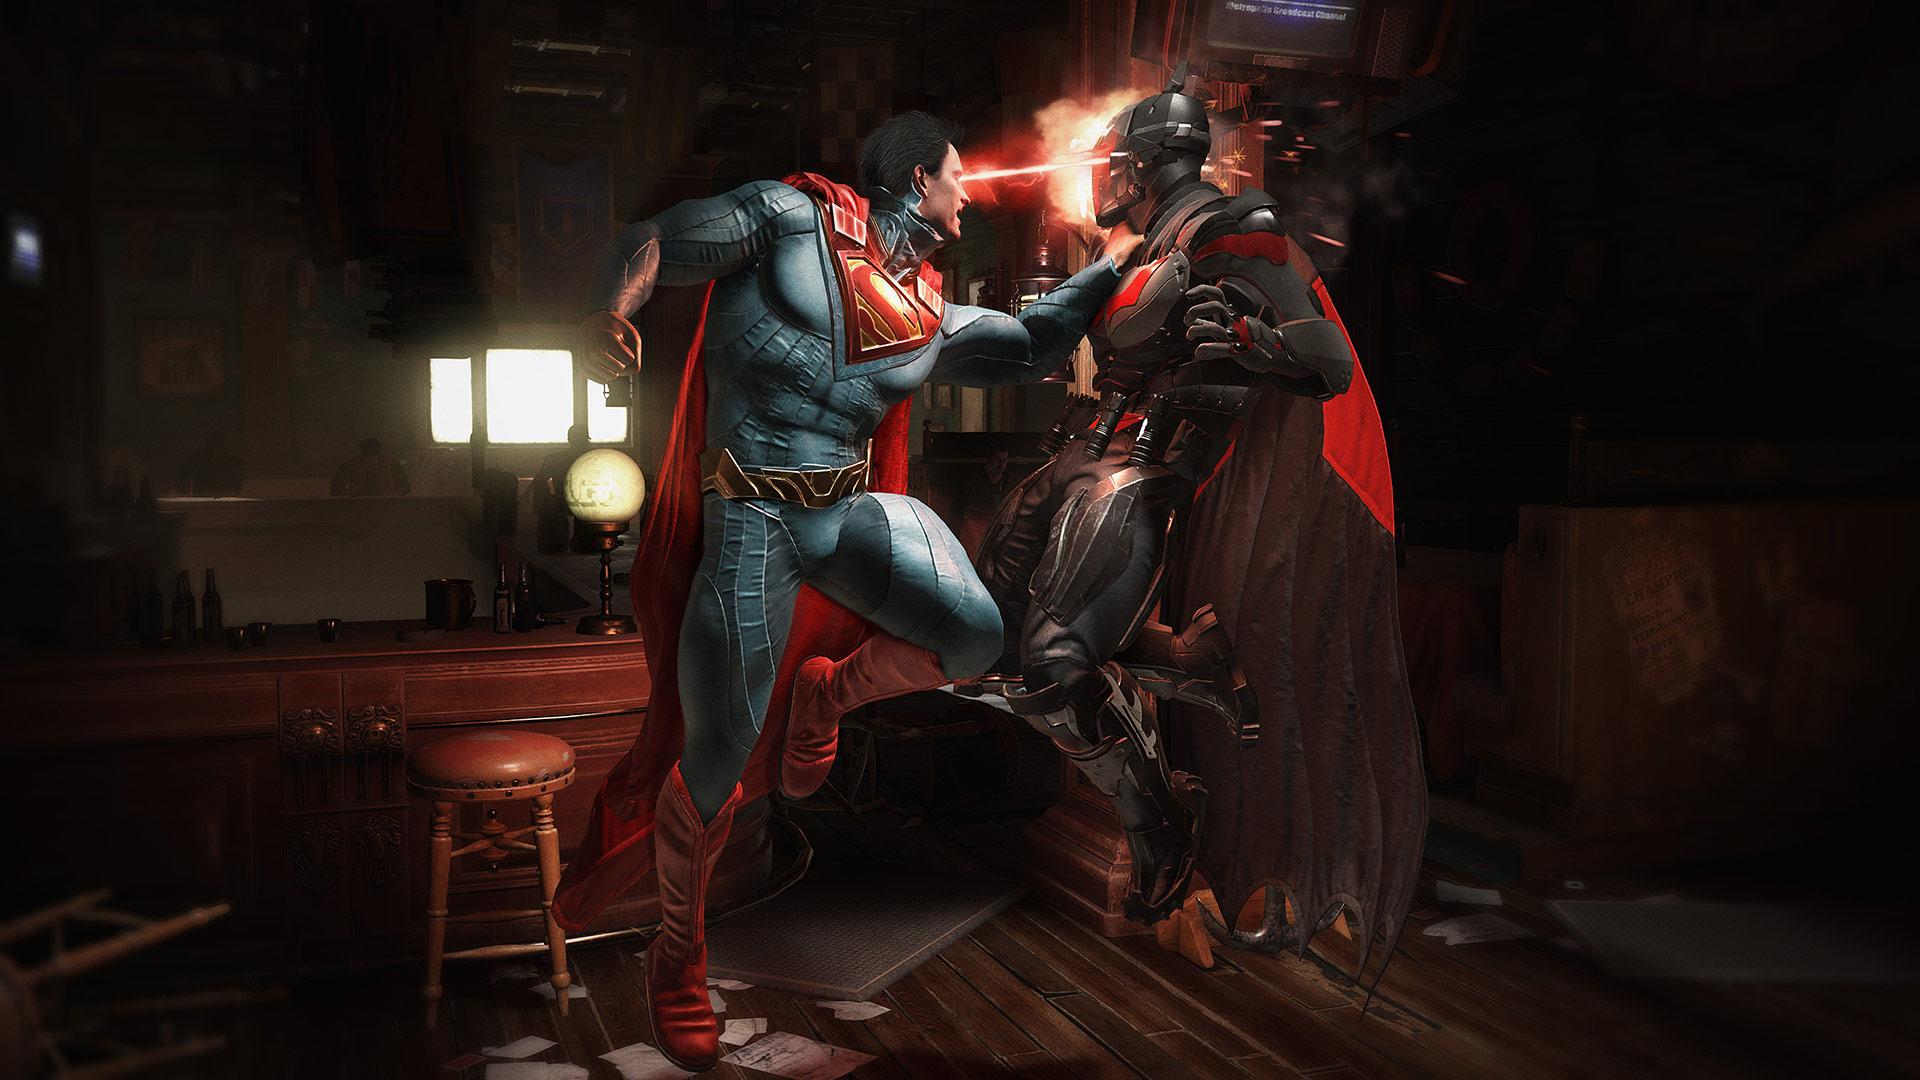 Injustice 2 offre une vaste sélection de personnages de l'univers DC